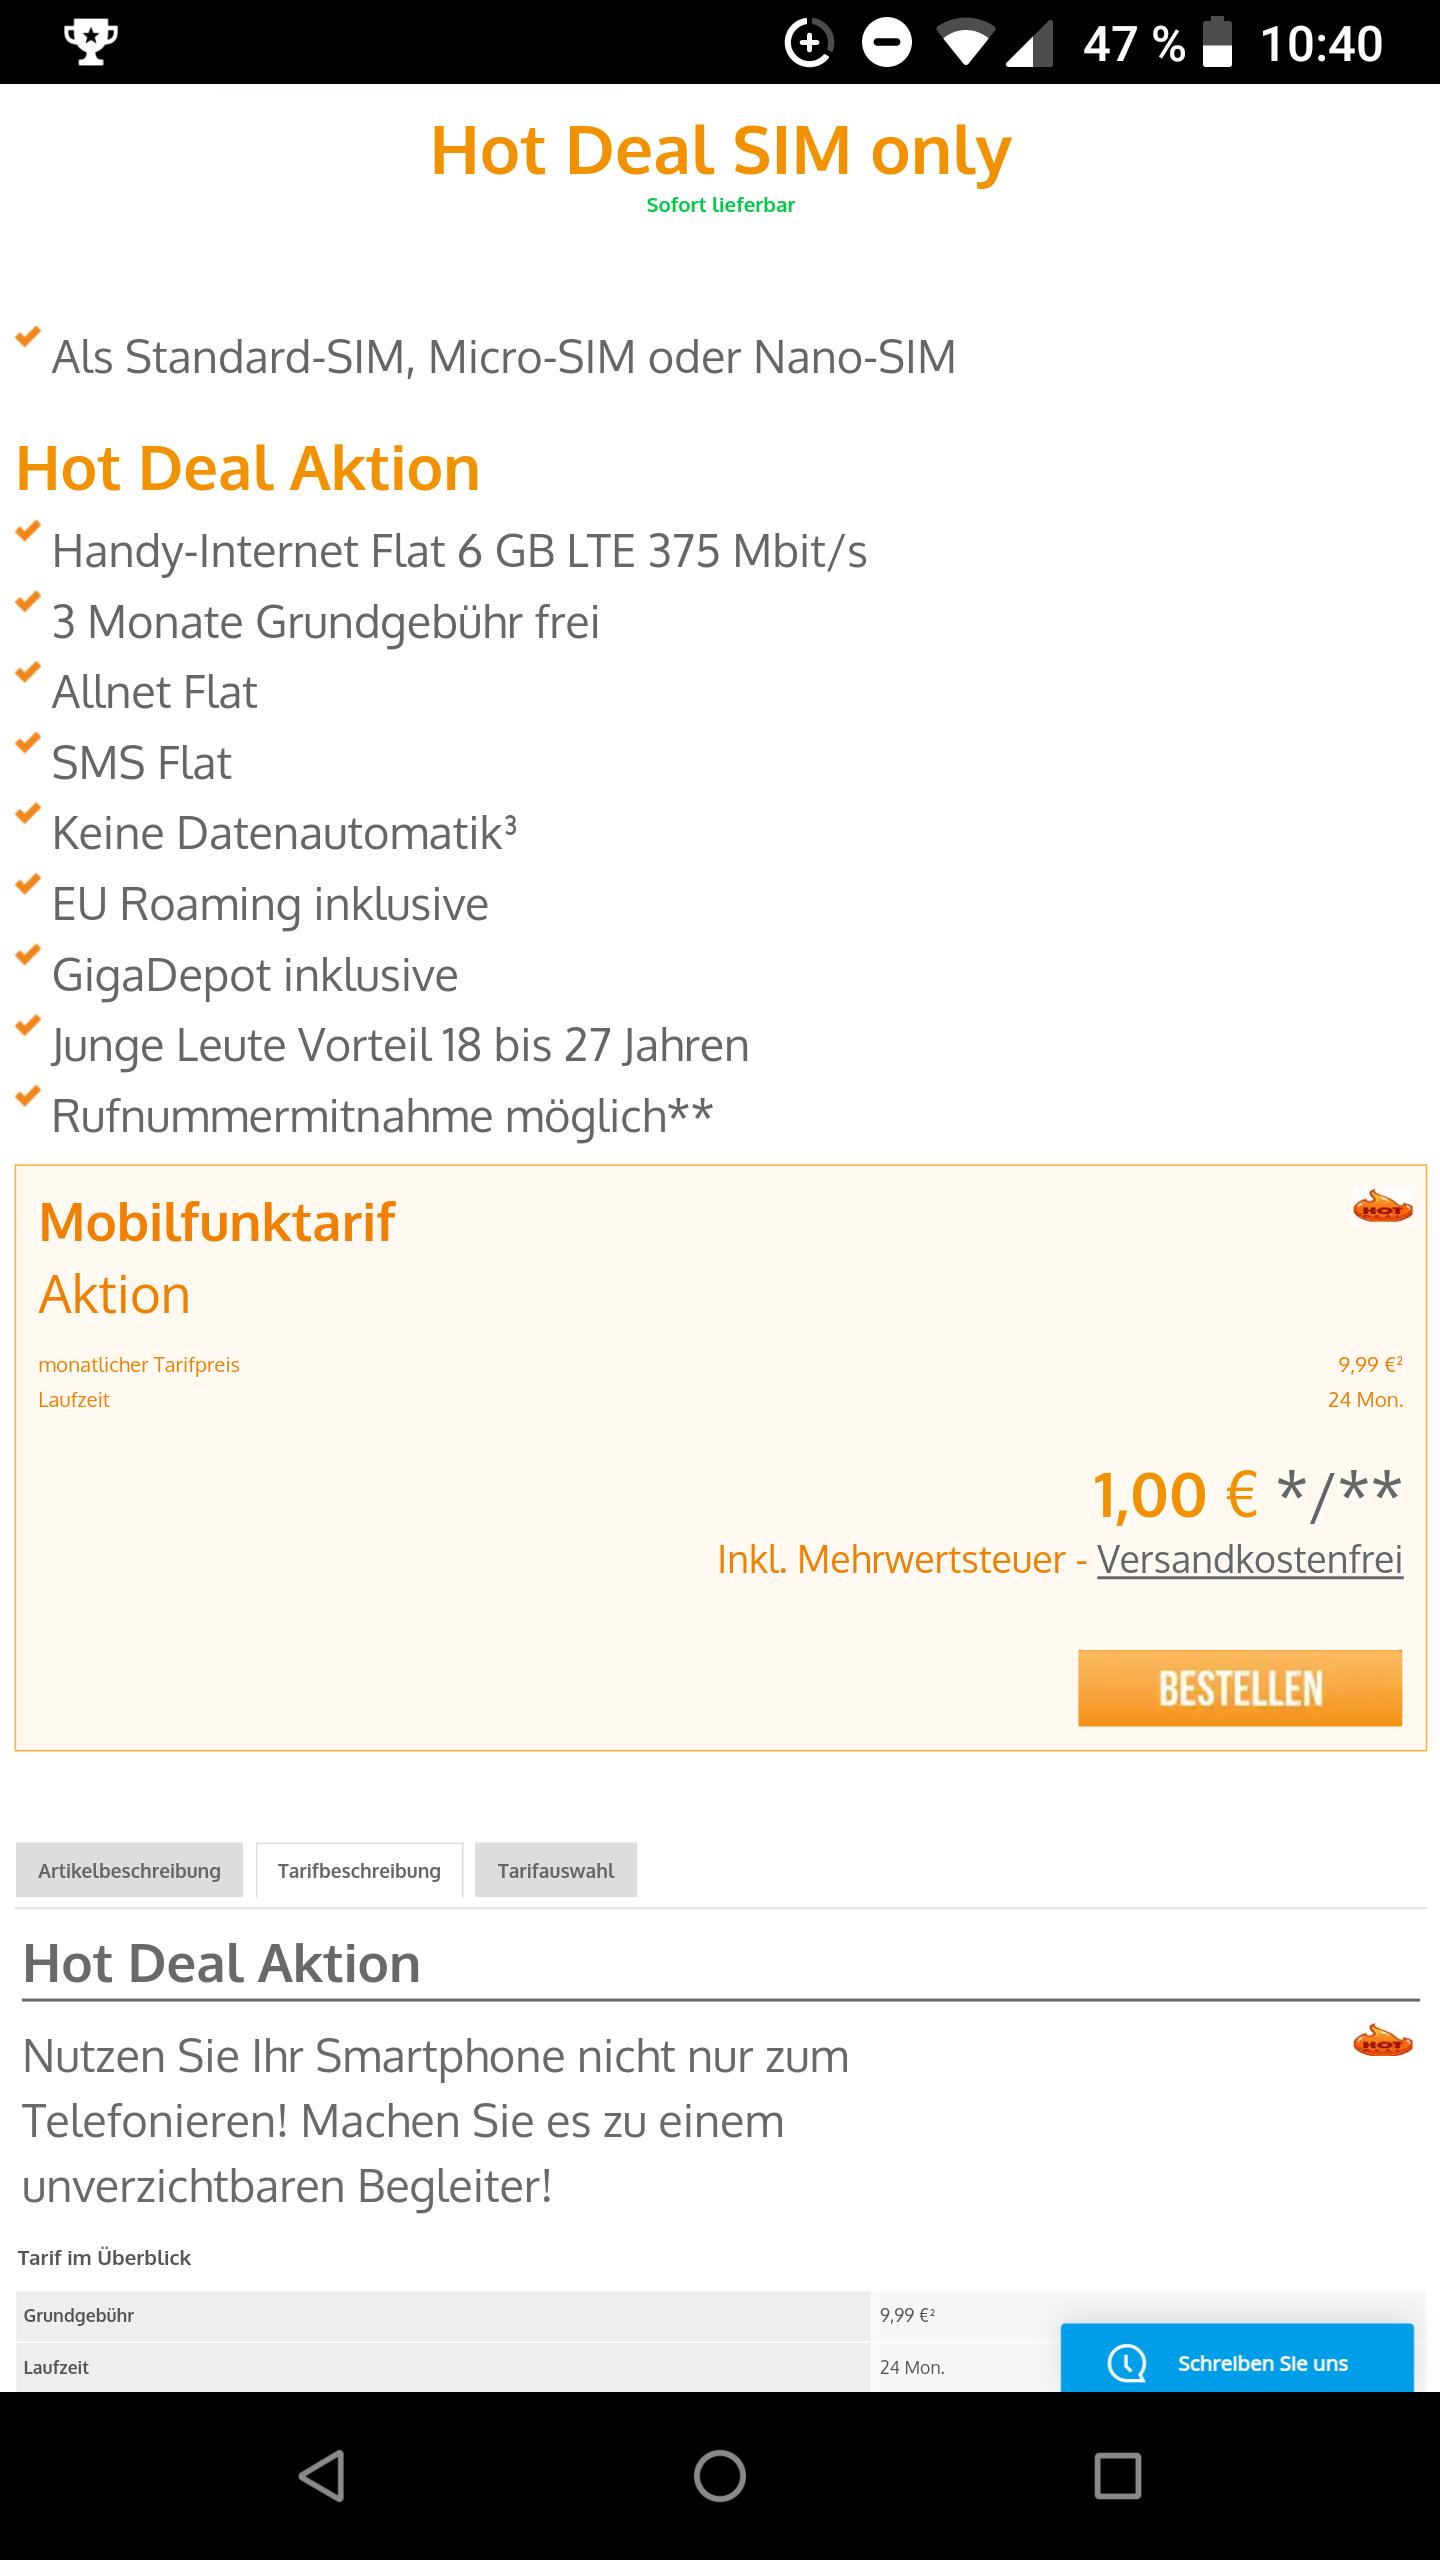 [Vodafone] 9,99€ für 6GB LTE, 3 Monate kostenlos